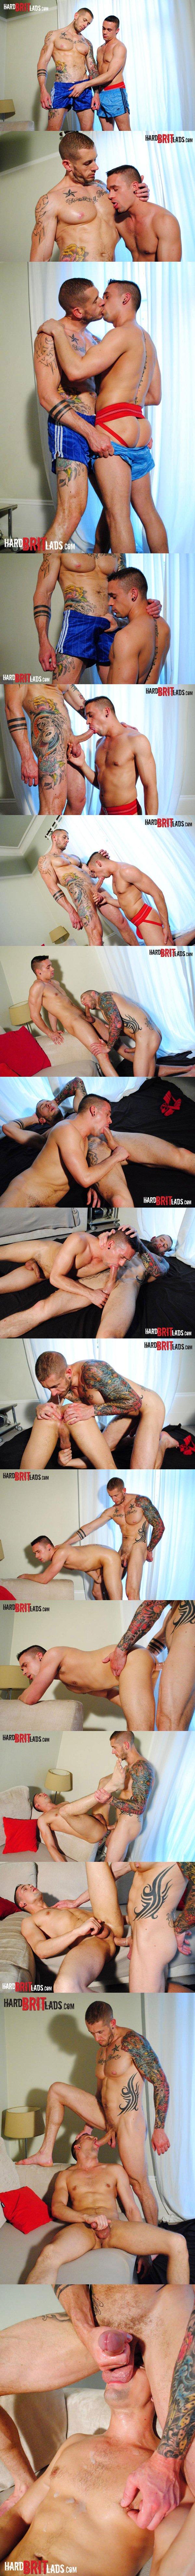 Huge skinhead bodybuilder Harley Everett Fucks cute lad Chase Reynolds at Hardbritlads 01